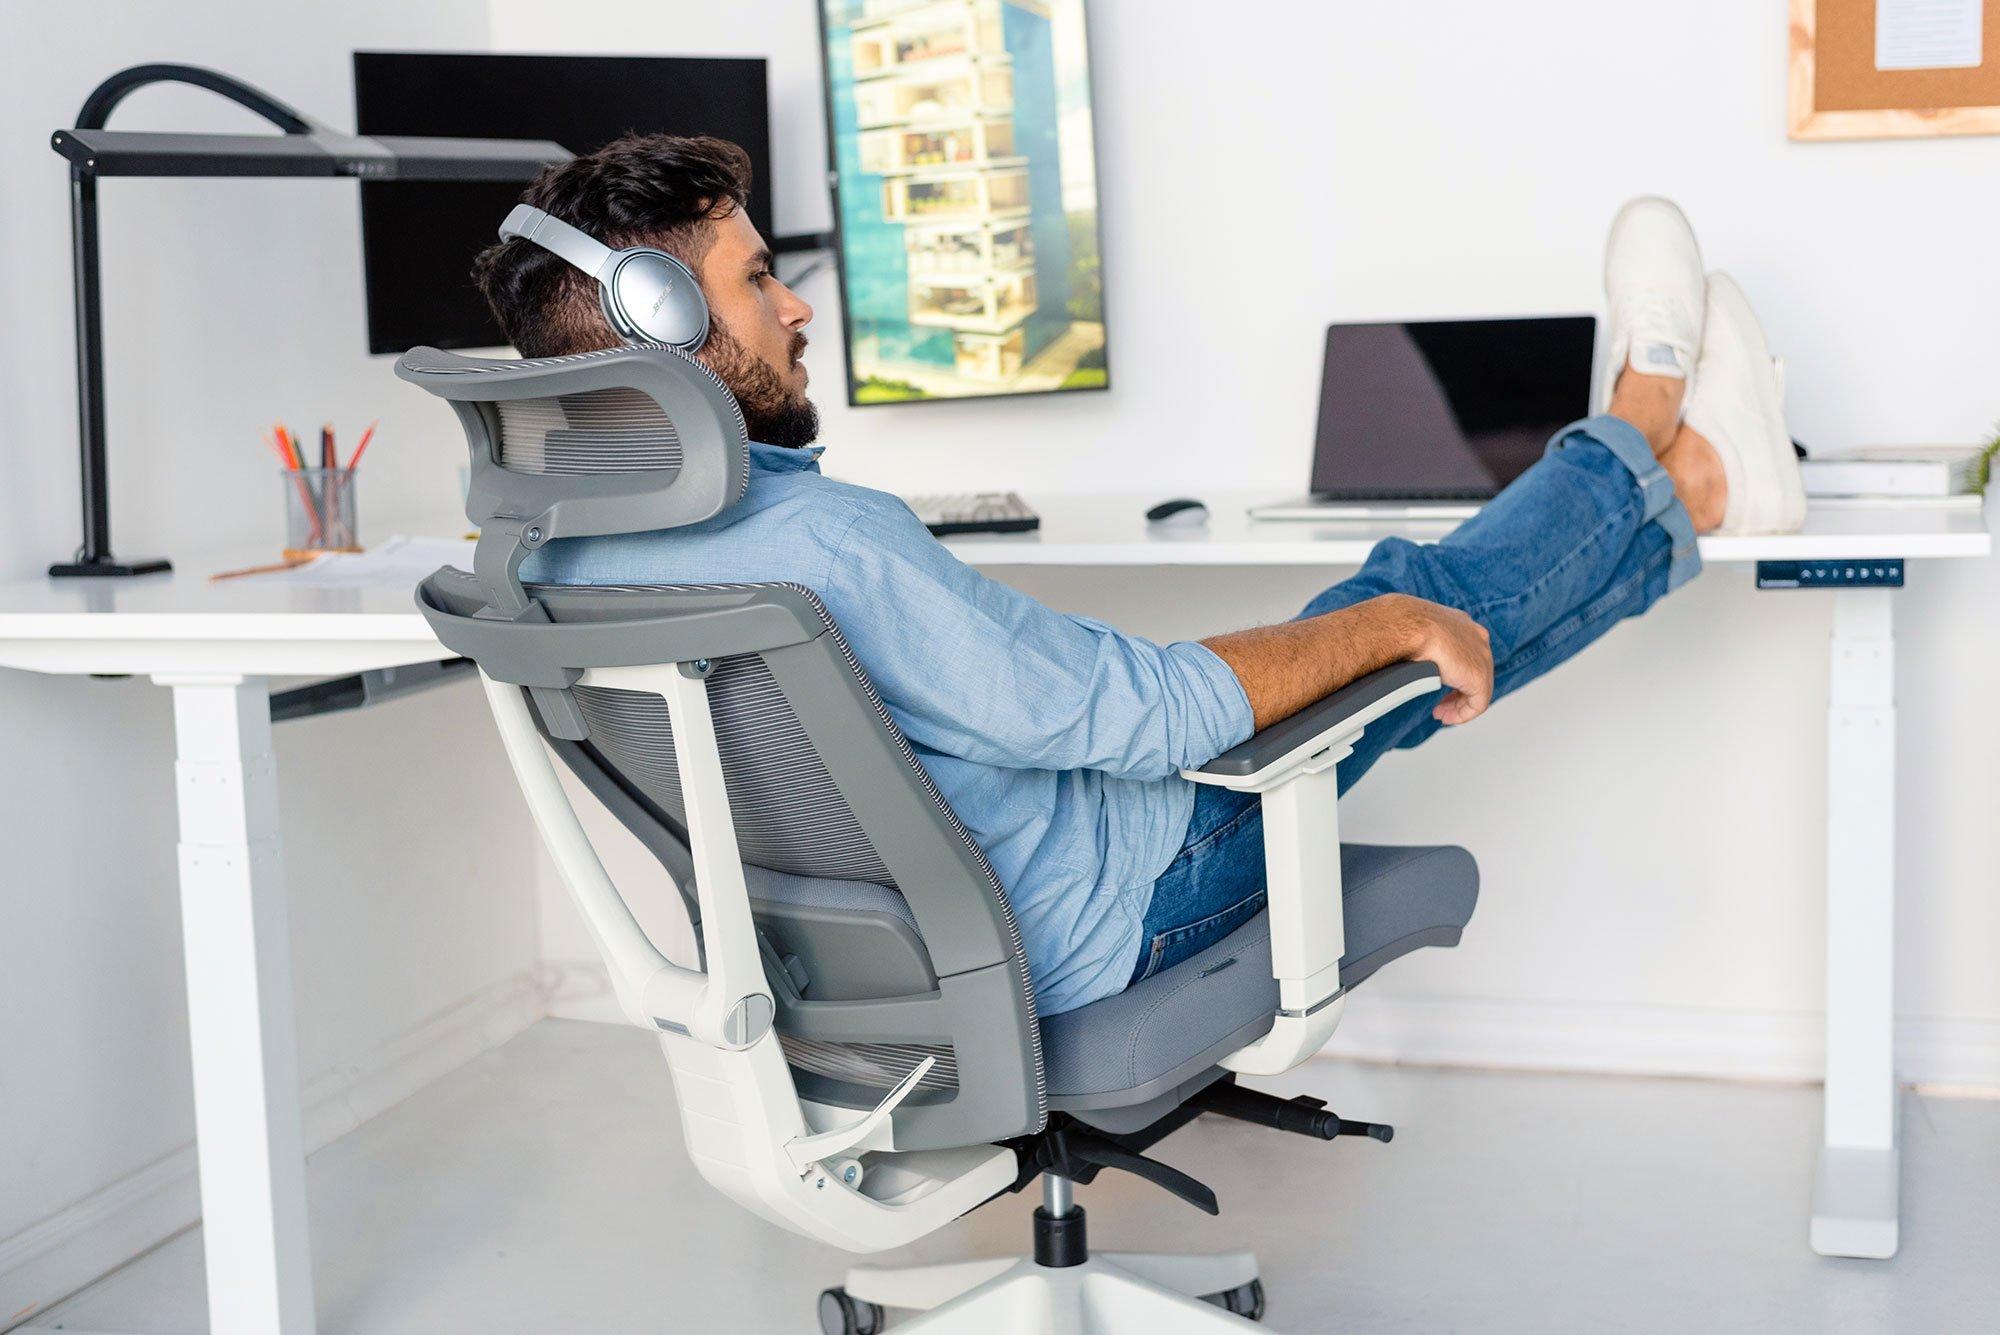 ErgoChair Pro | Green| Ergonomic Chair $299